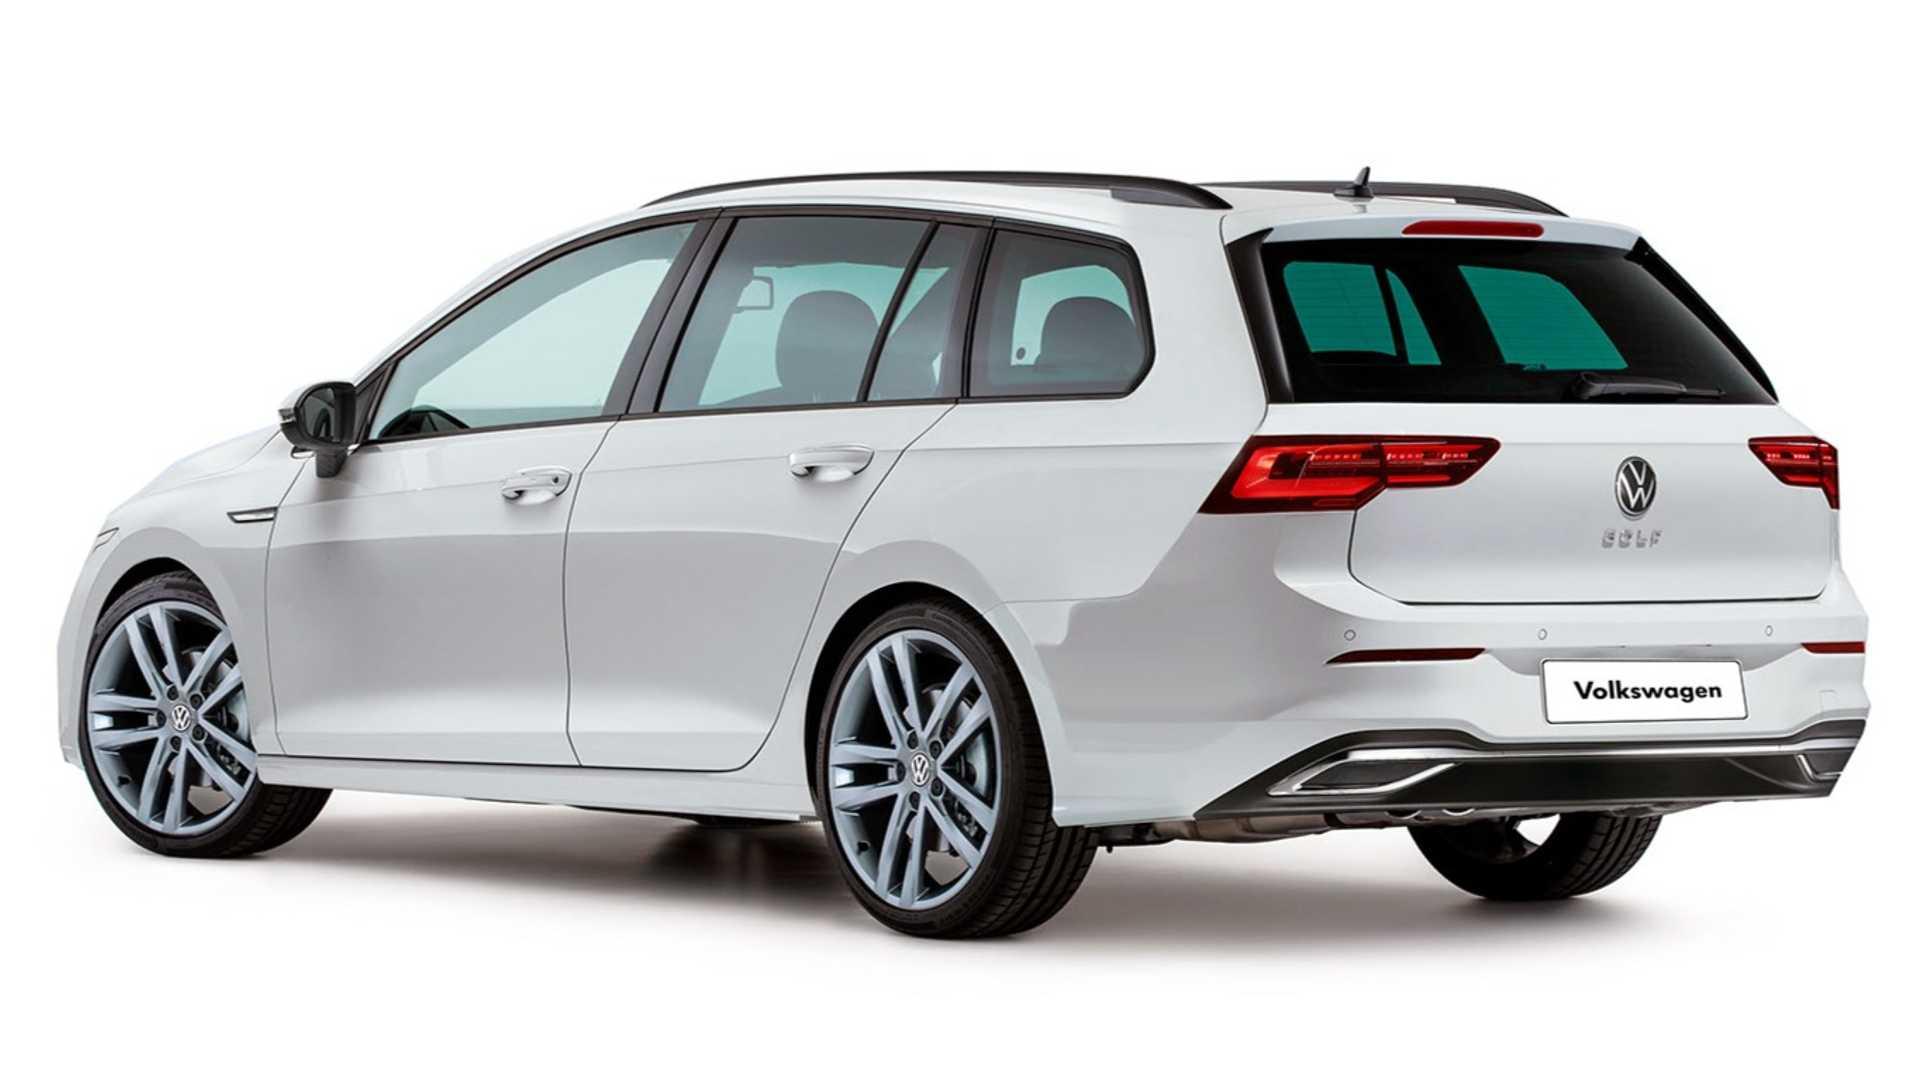 volkswagen-Golf-Variant-2020-rendering-2